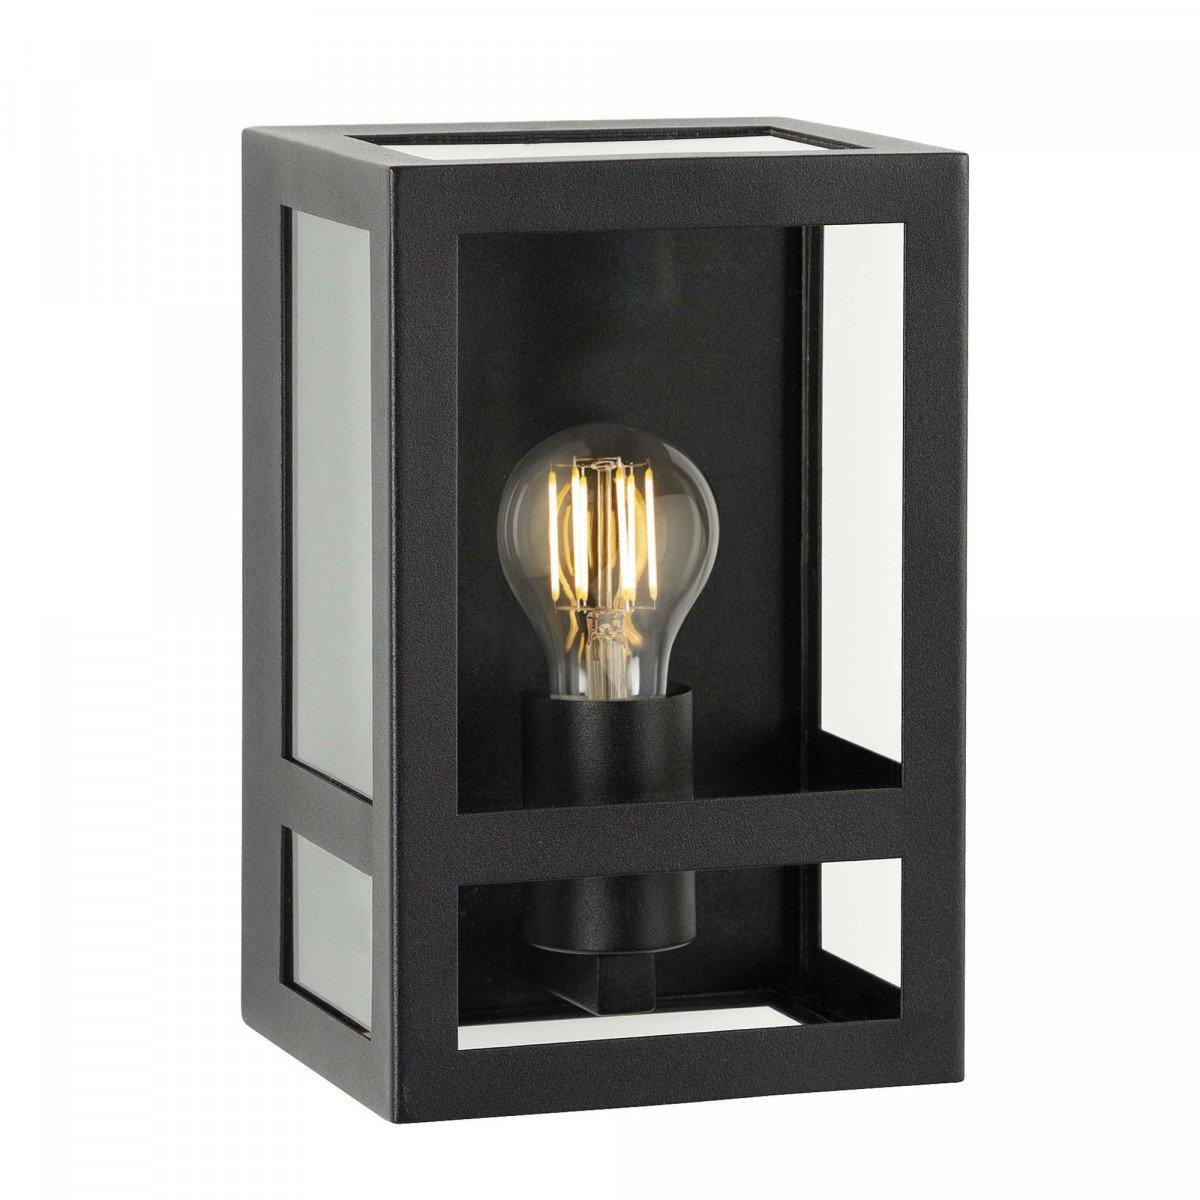 Sensor wandlamp voor buiten, zwart frame, vlakke achterzijde, helder glas, inclusief dag nacht led schemersensor lichtbron